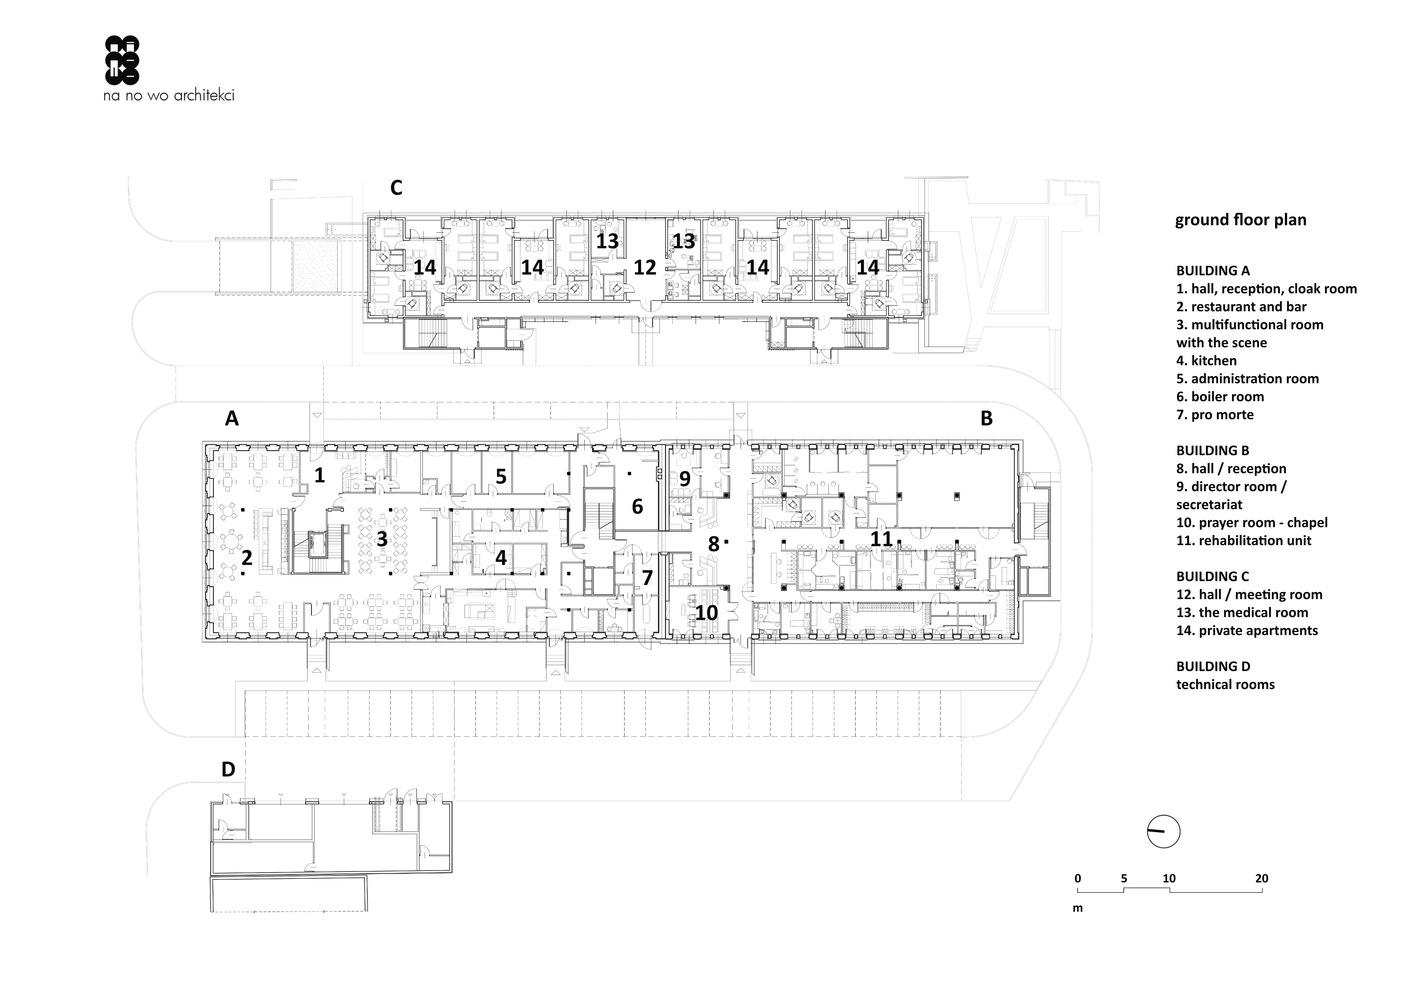 medium resolution of leszczynski antoniny manor intervention na no wo architekci